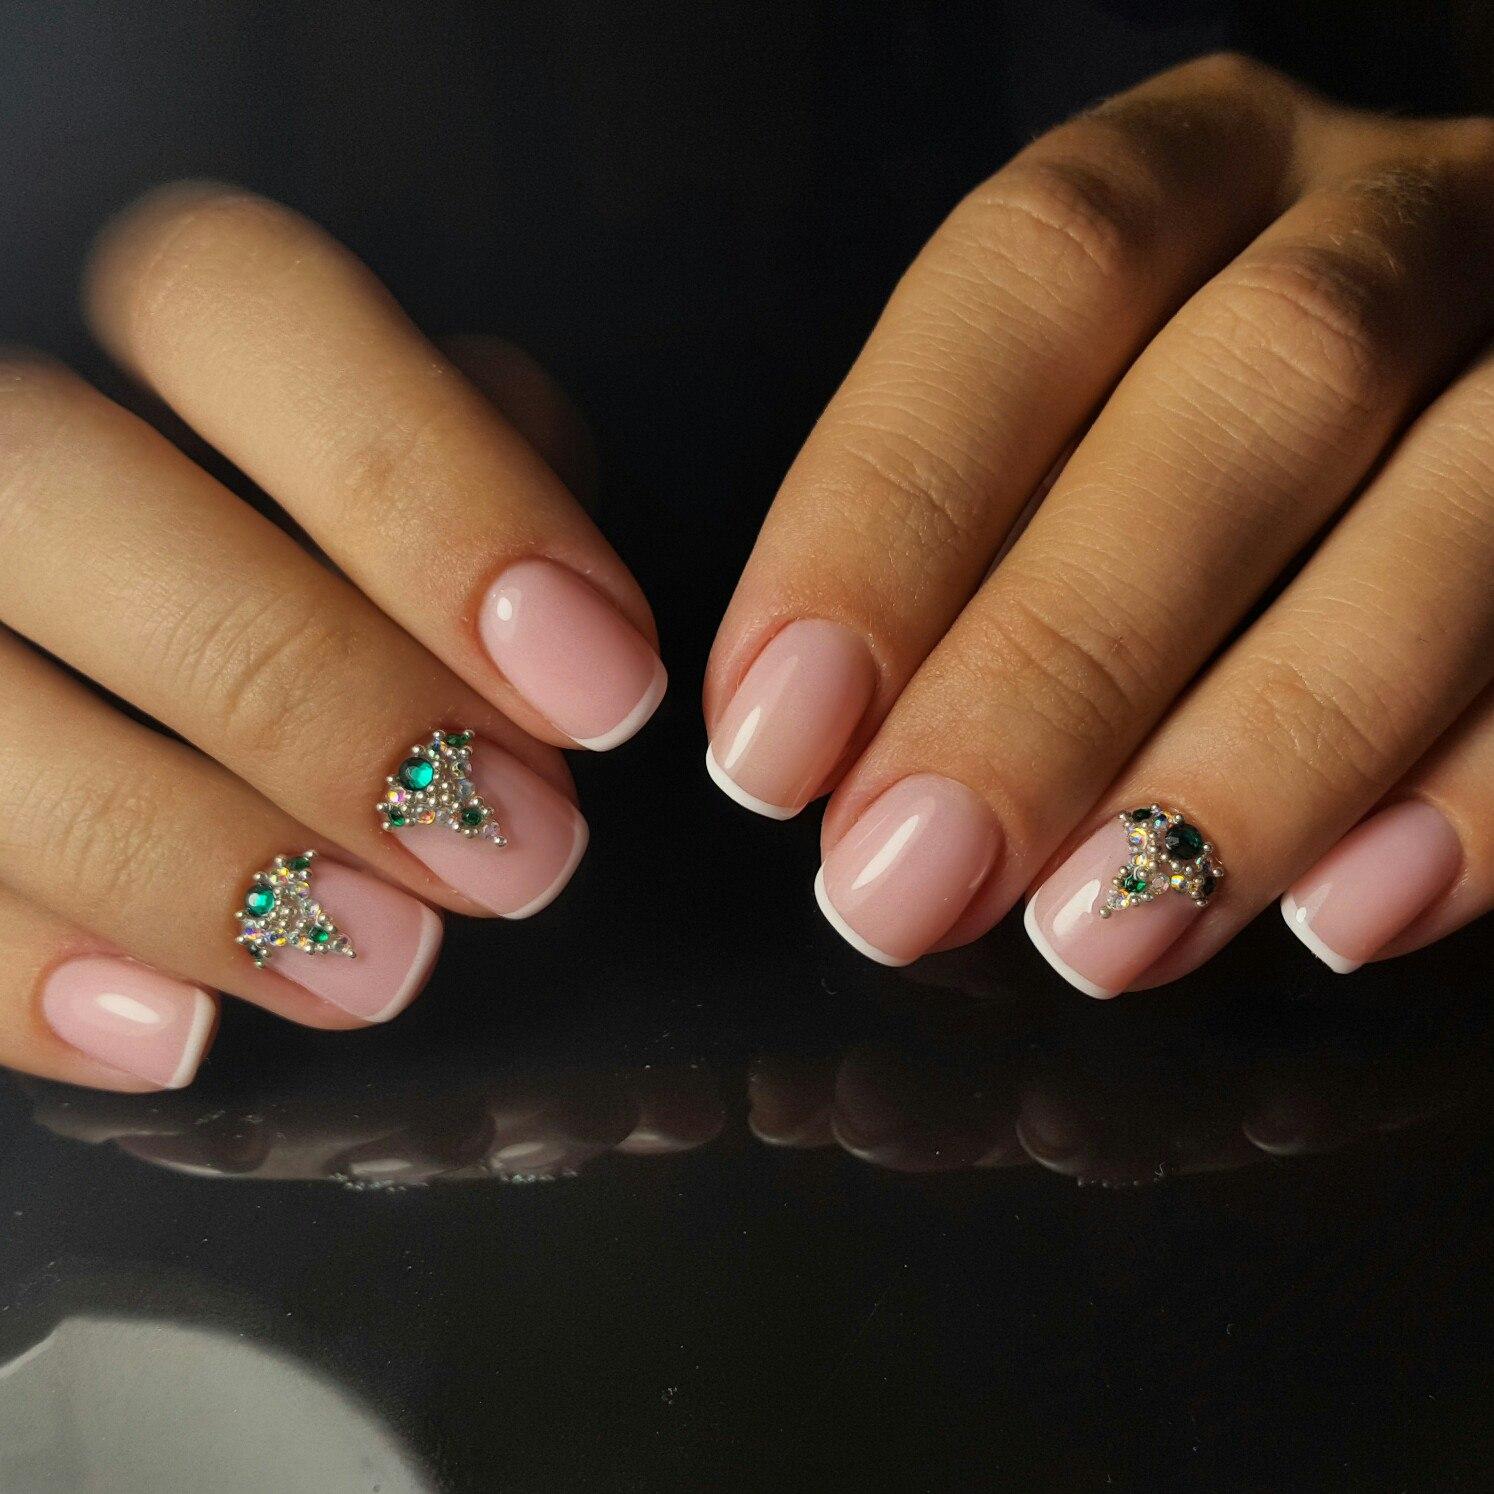 Дизайн ногтей 2018 фото модные тенденции